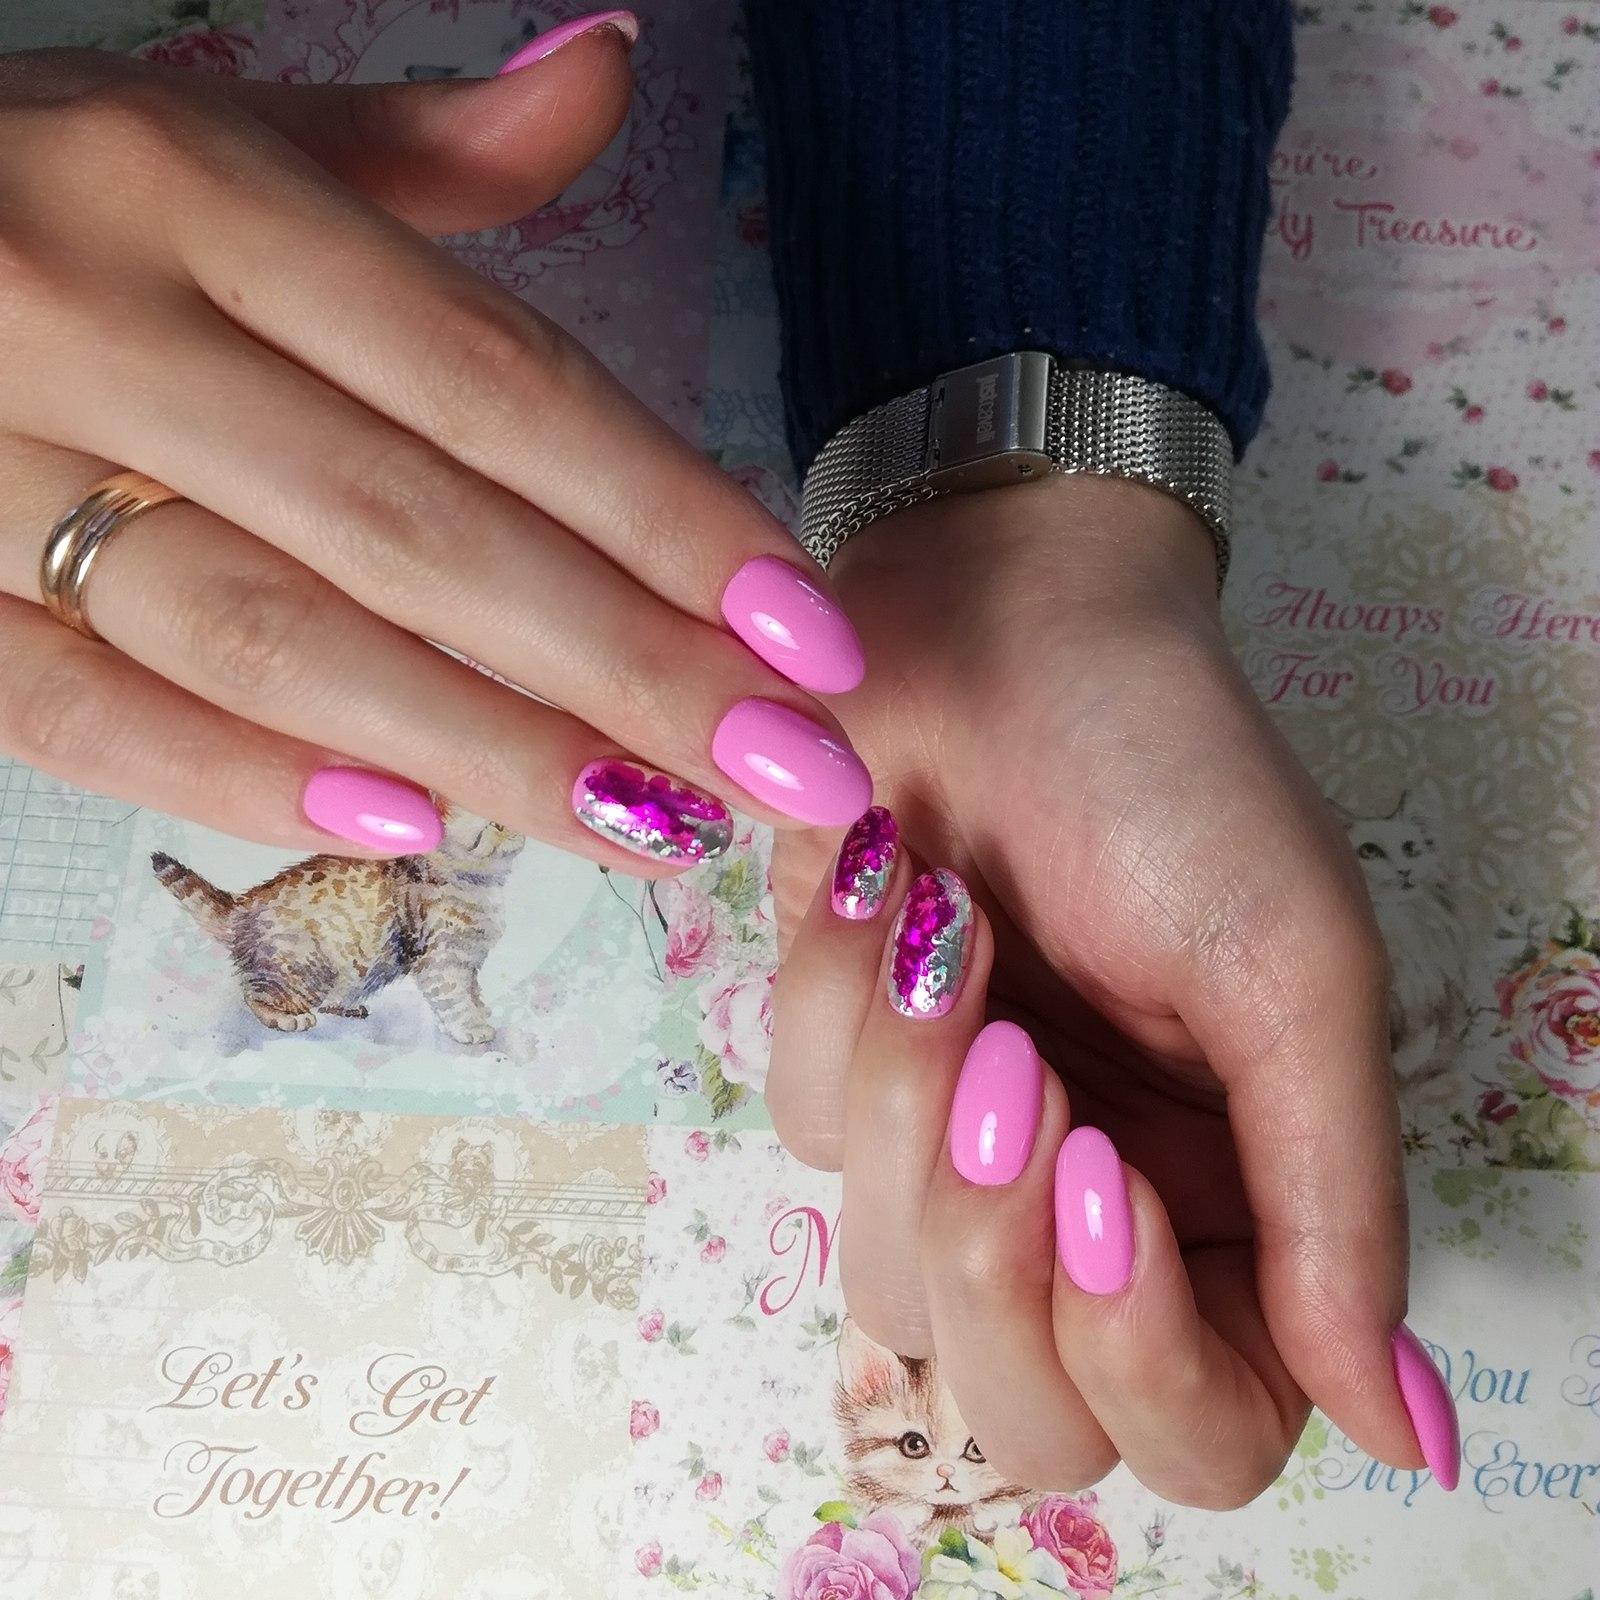 Маникюр с цветной фольгой в розовом цвете.